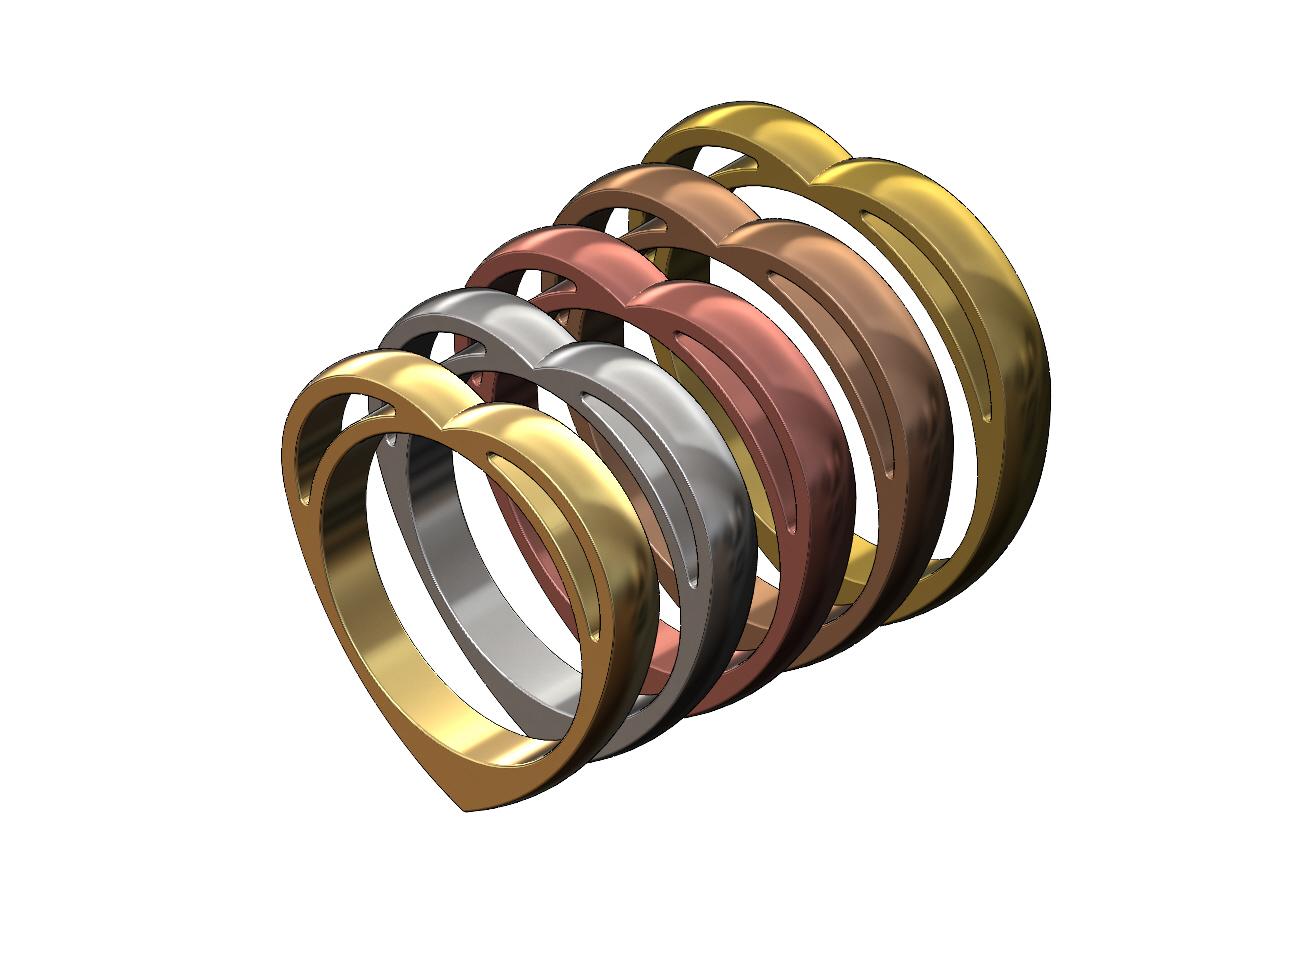 heart-ring-00.JPG Télécharger fichier 3MF Modèle d'impression 3D d'un anneau en forme de cœur • Design pour impression 3D, RachidSW